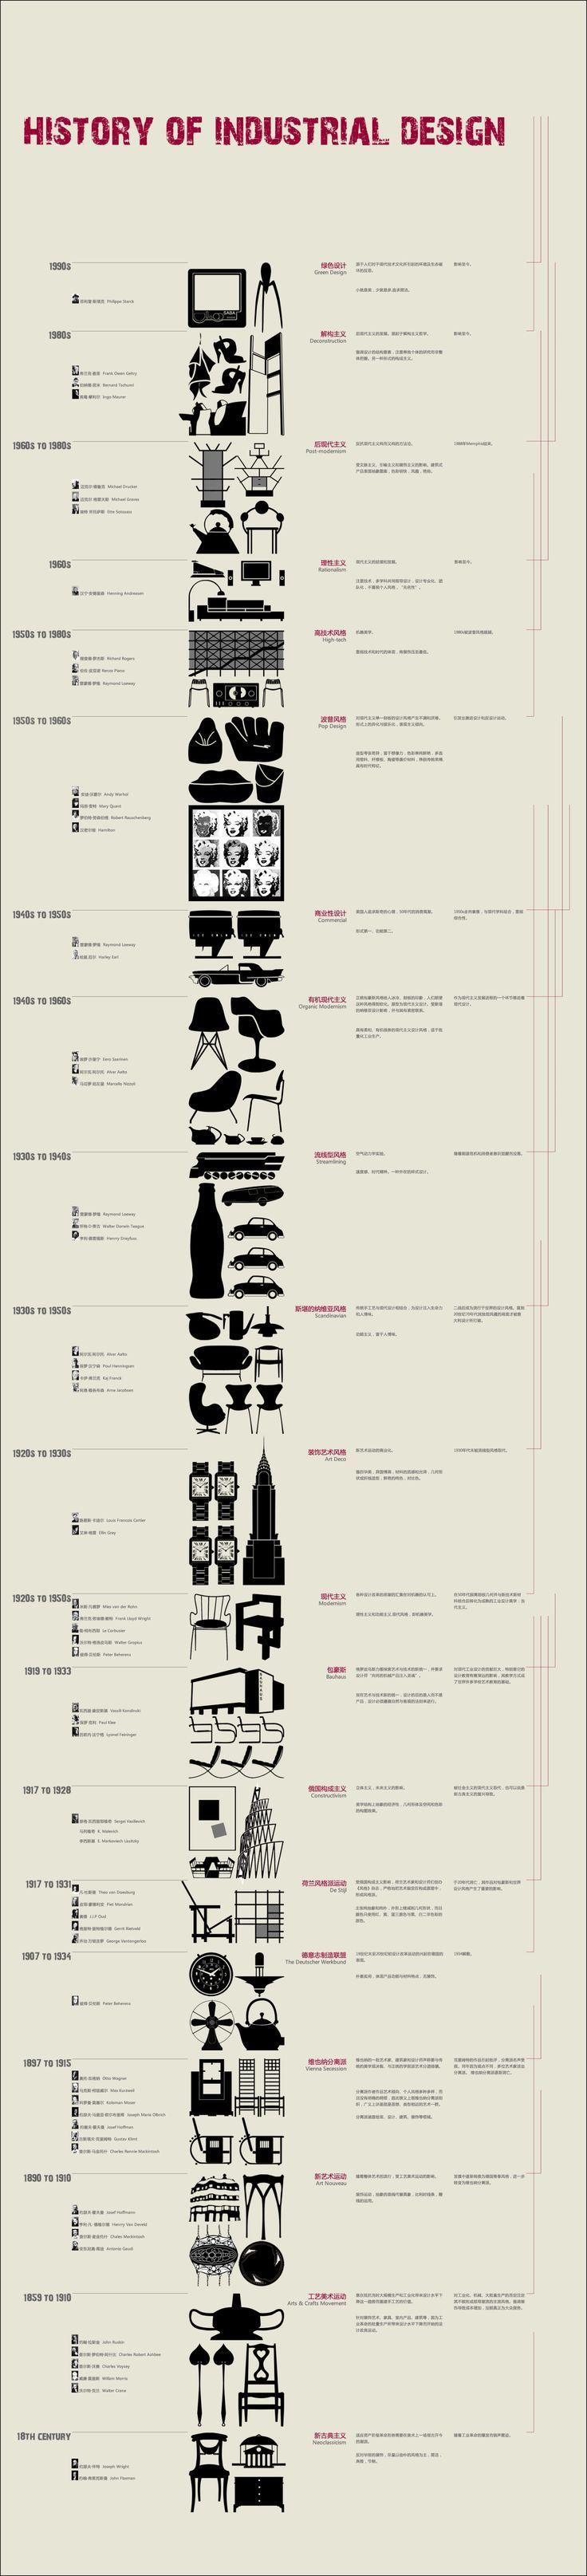 Historia del diseño industrial. History of industrial design: